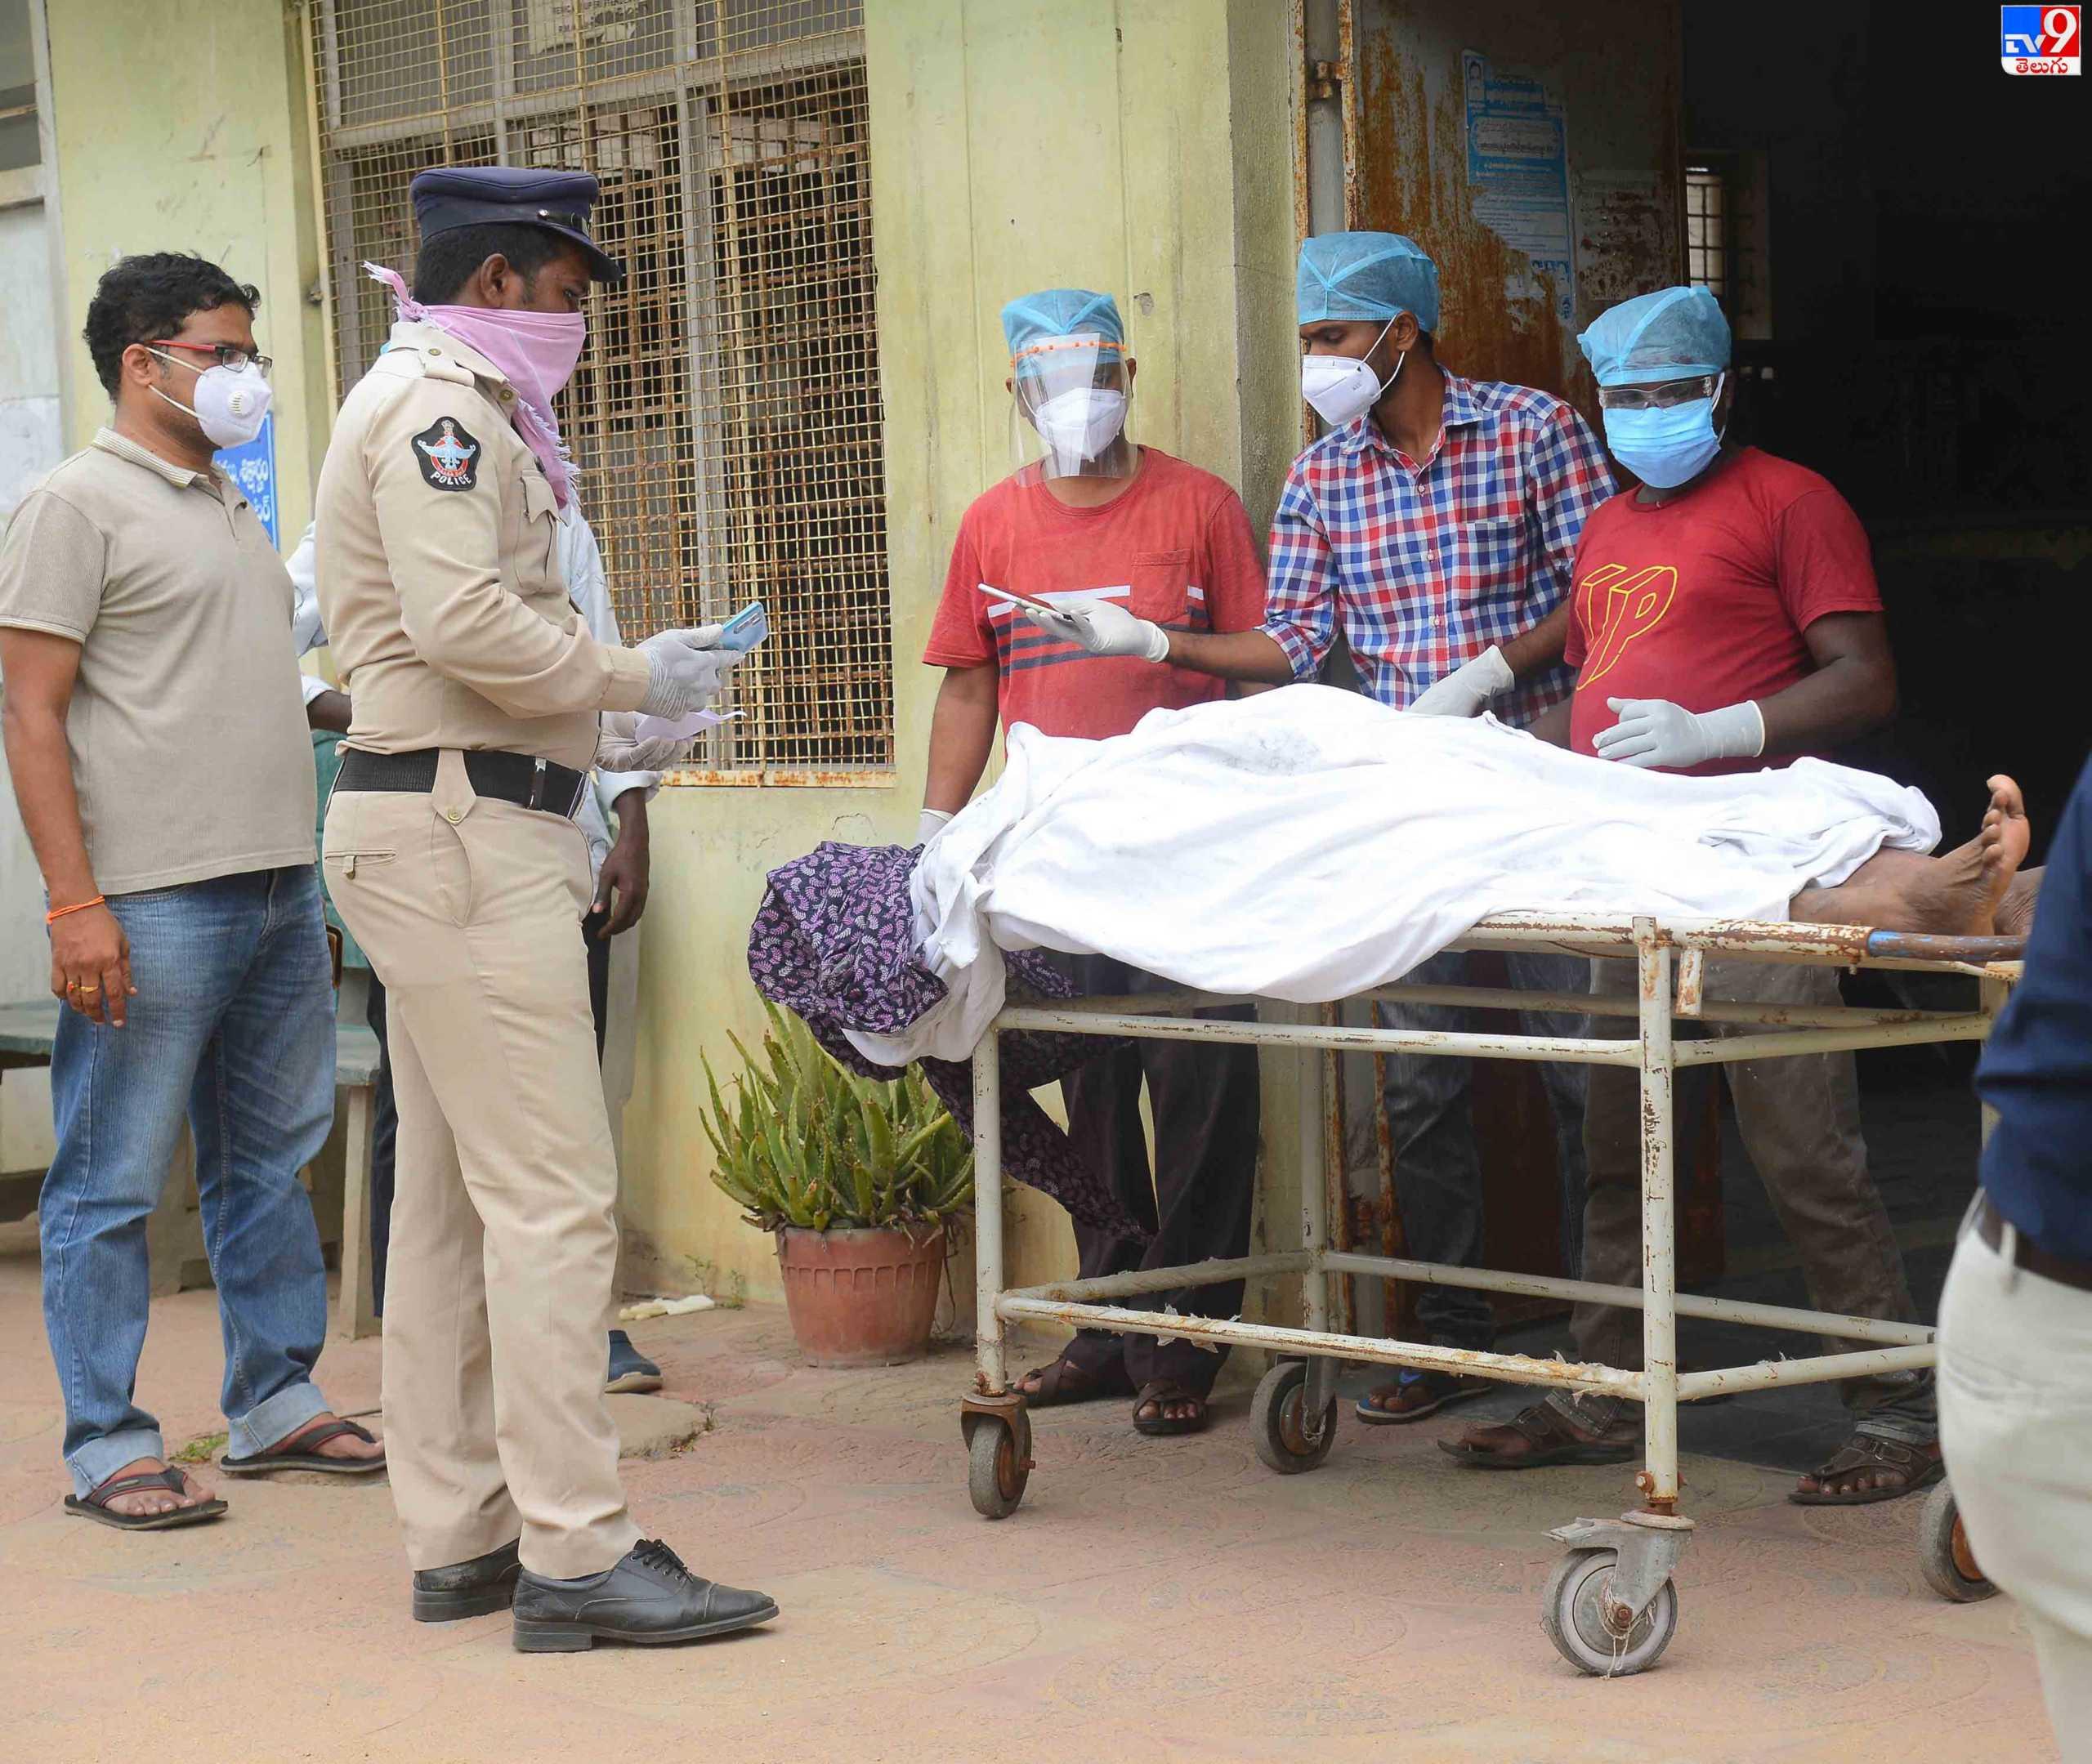 Vijaywada Fire Accident, విజయవాడ స్వర్ణ ప్యాలెస్ అగ్నిప్రమాదం దృశ్యాలు